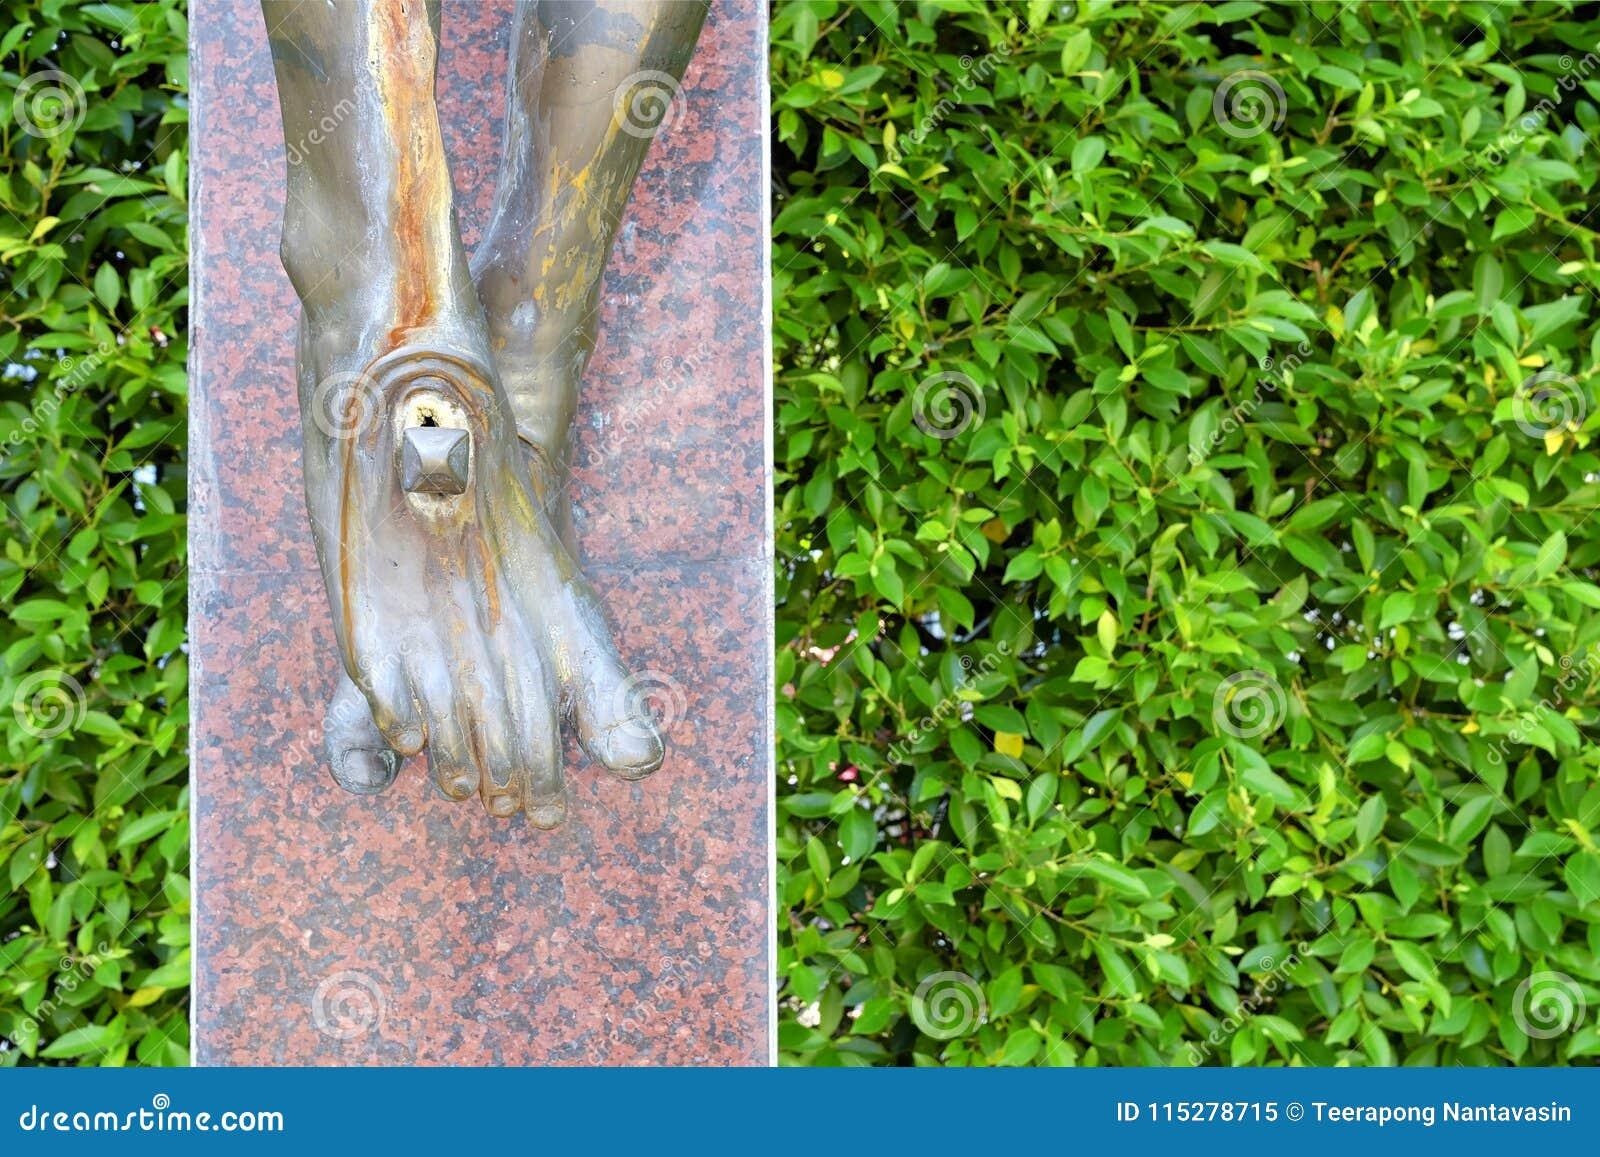 Pés de Jesus Statue com fundo verde da parede das folhas